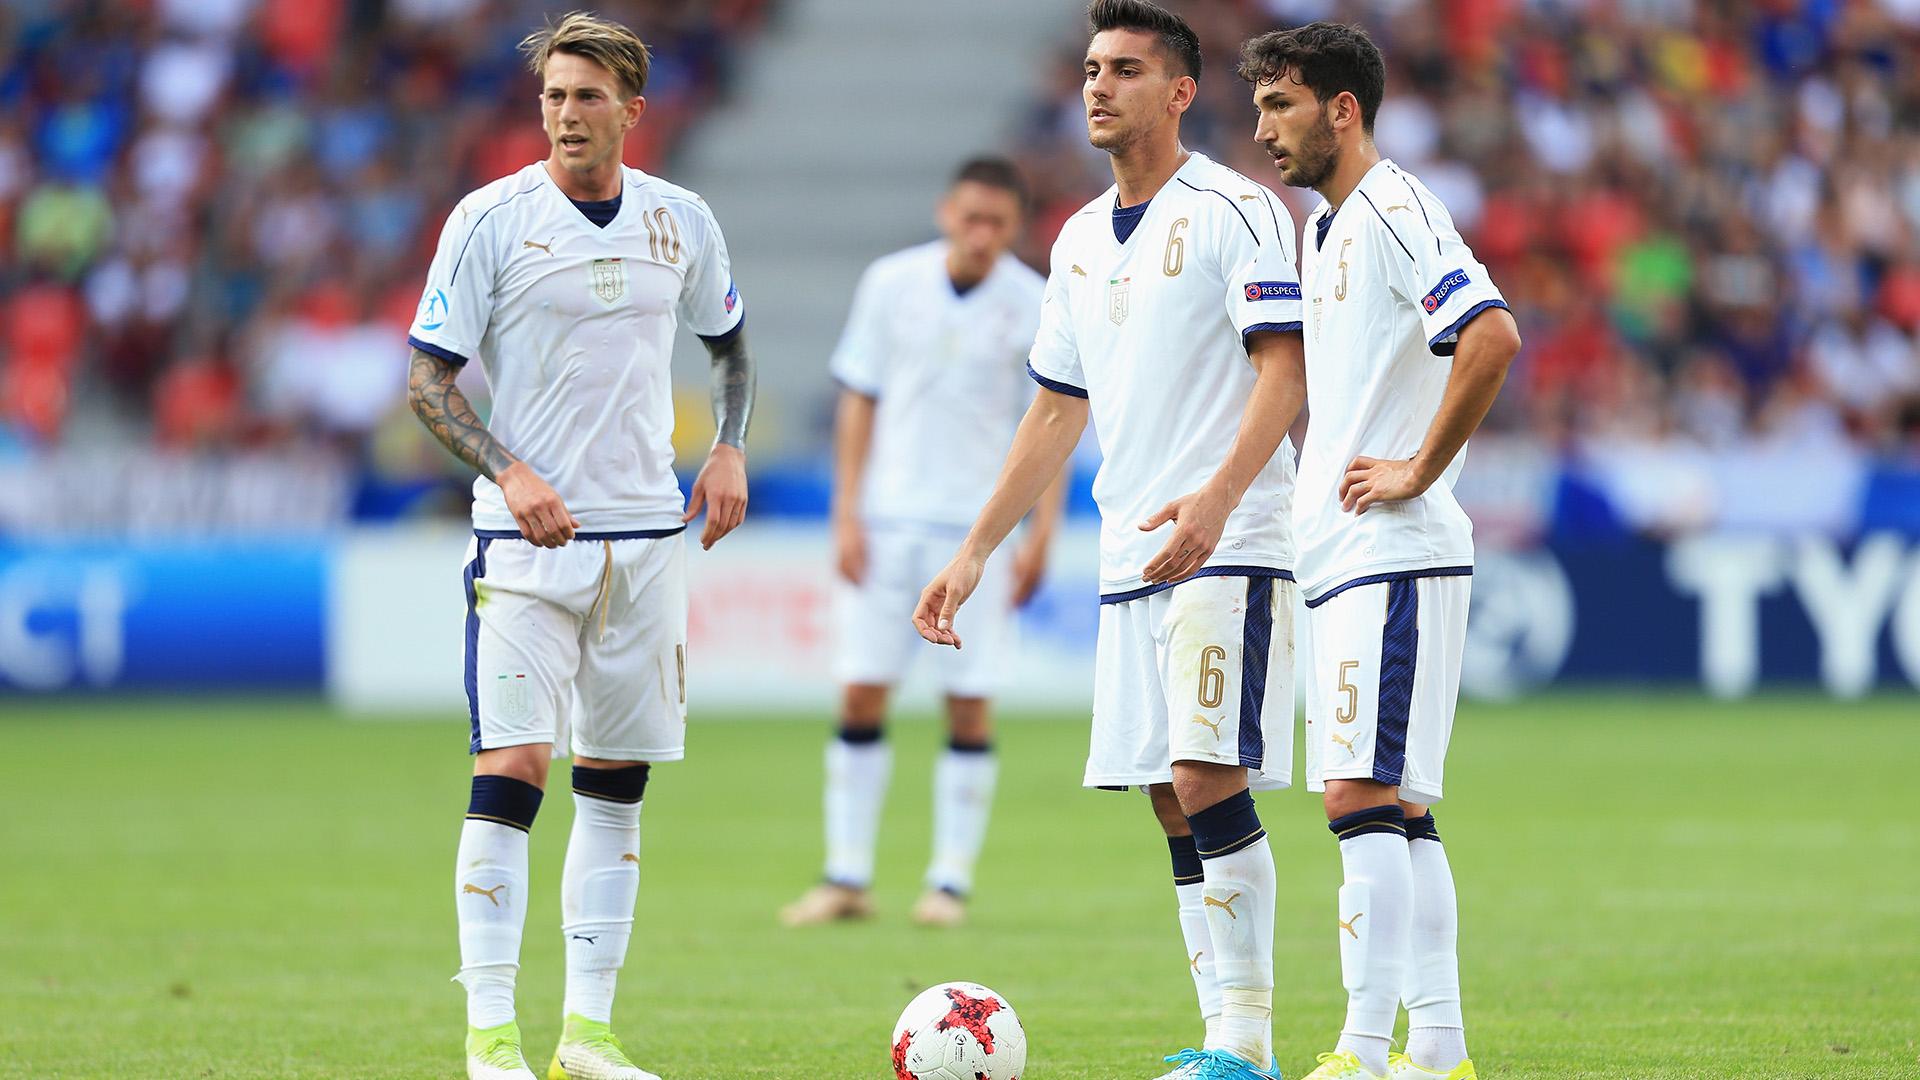 Europei Under 21 2017, Italia-Danimarca: le formazioni ufficiali